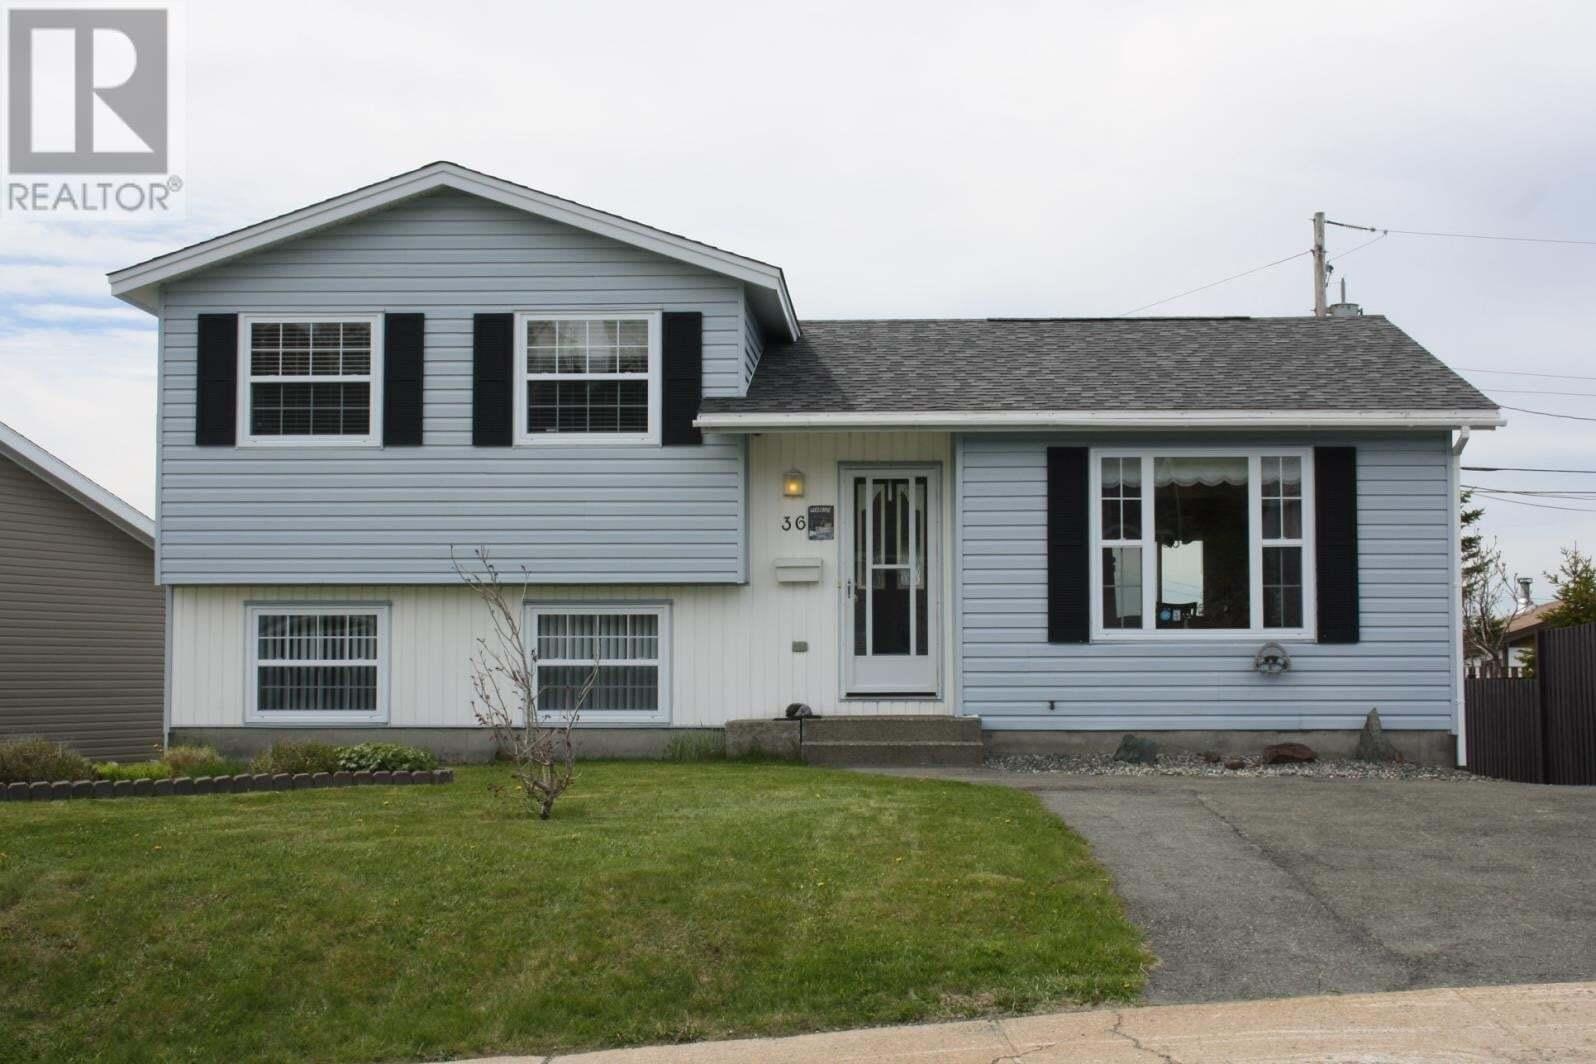 House for sale at 36 Hemmerjane Dr Mount Pearl Newfoundland - MLS: 1216978